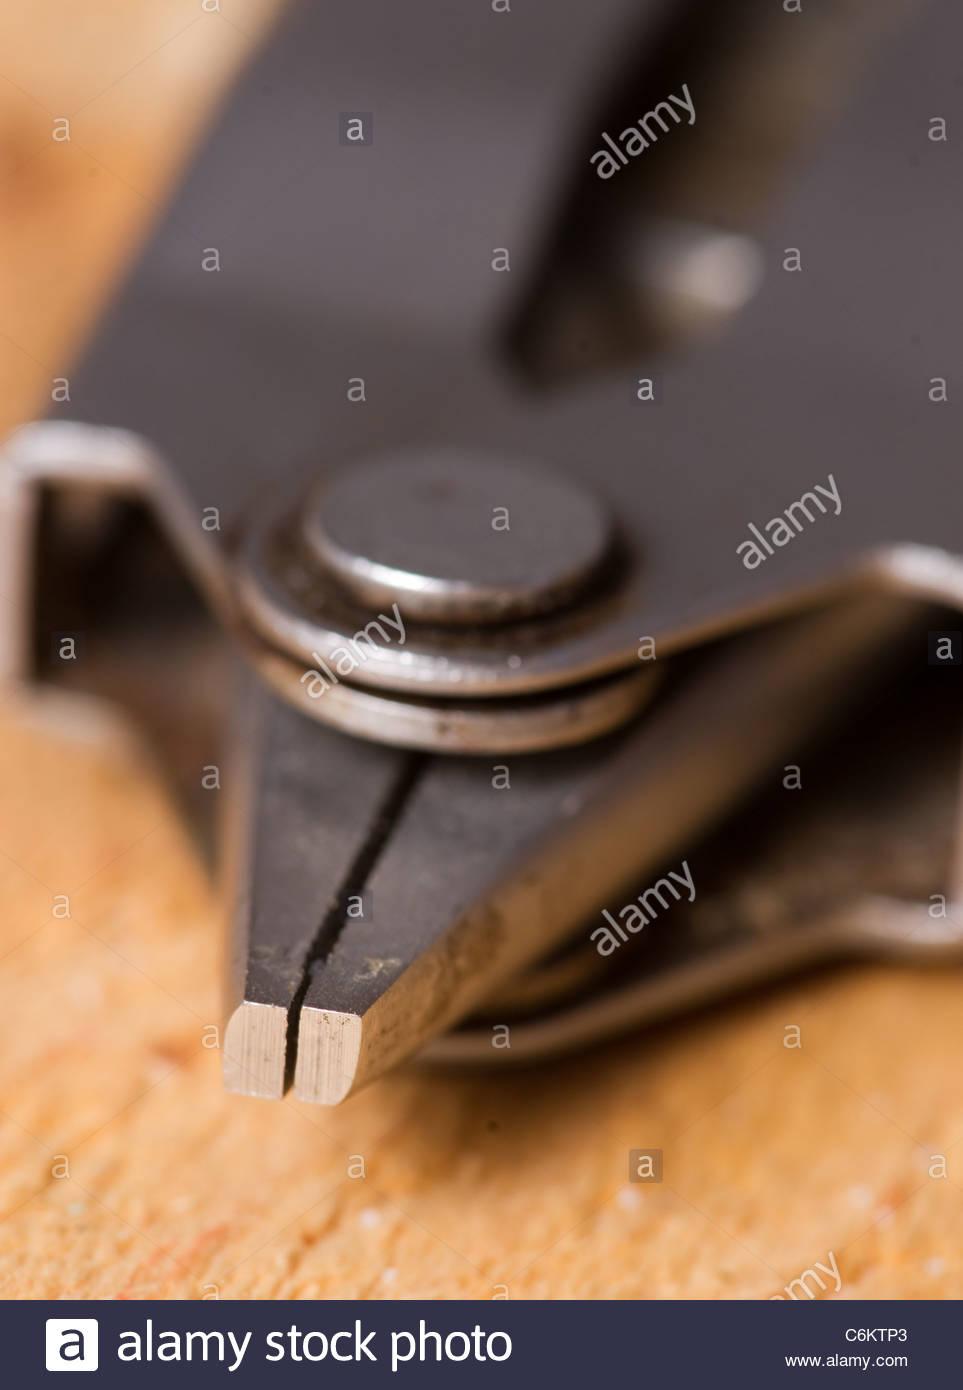 Pliers multitool - Stock Image